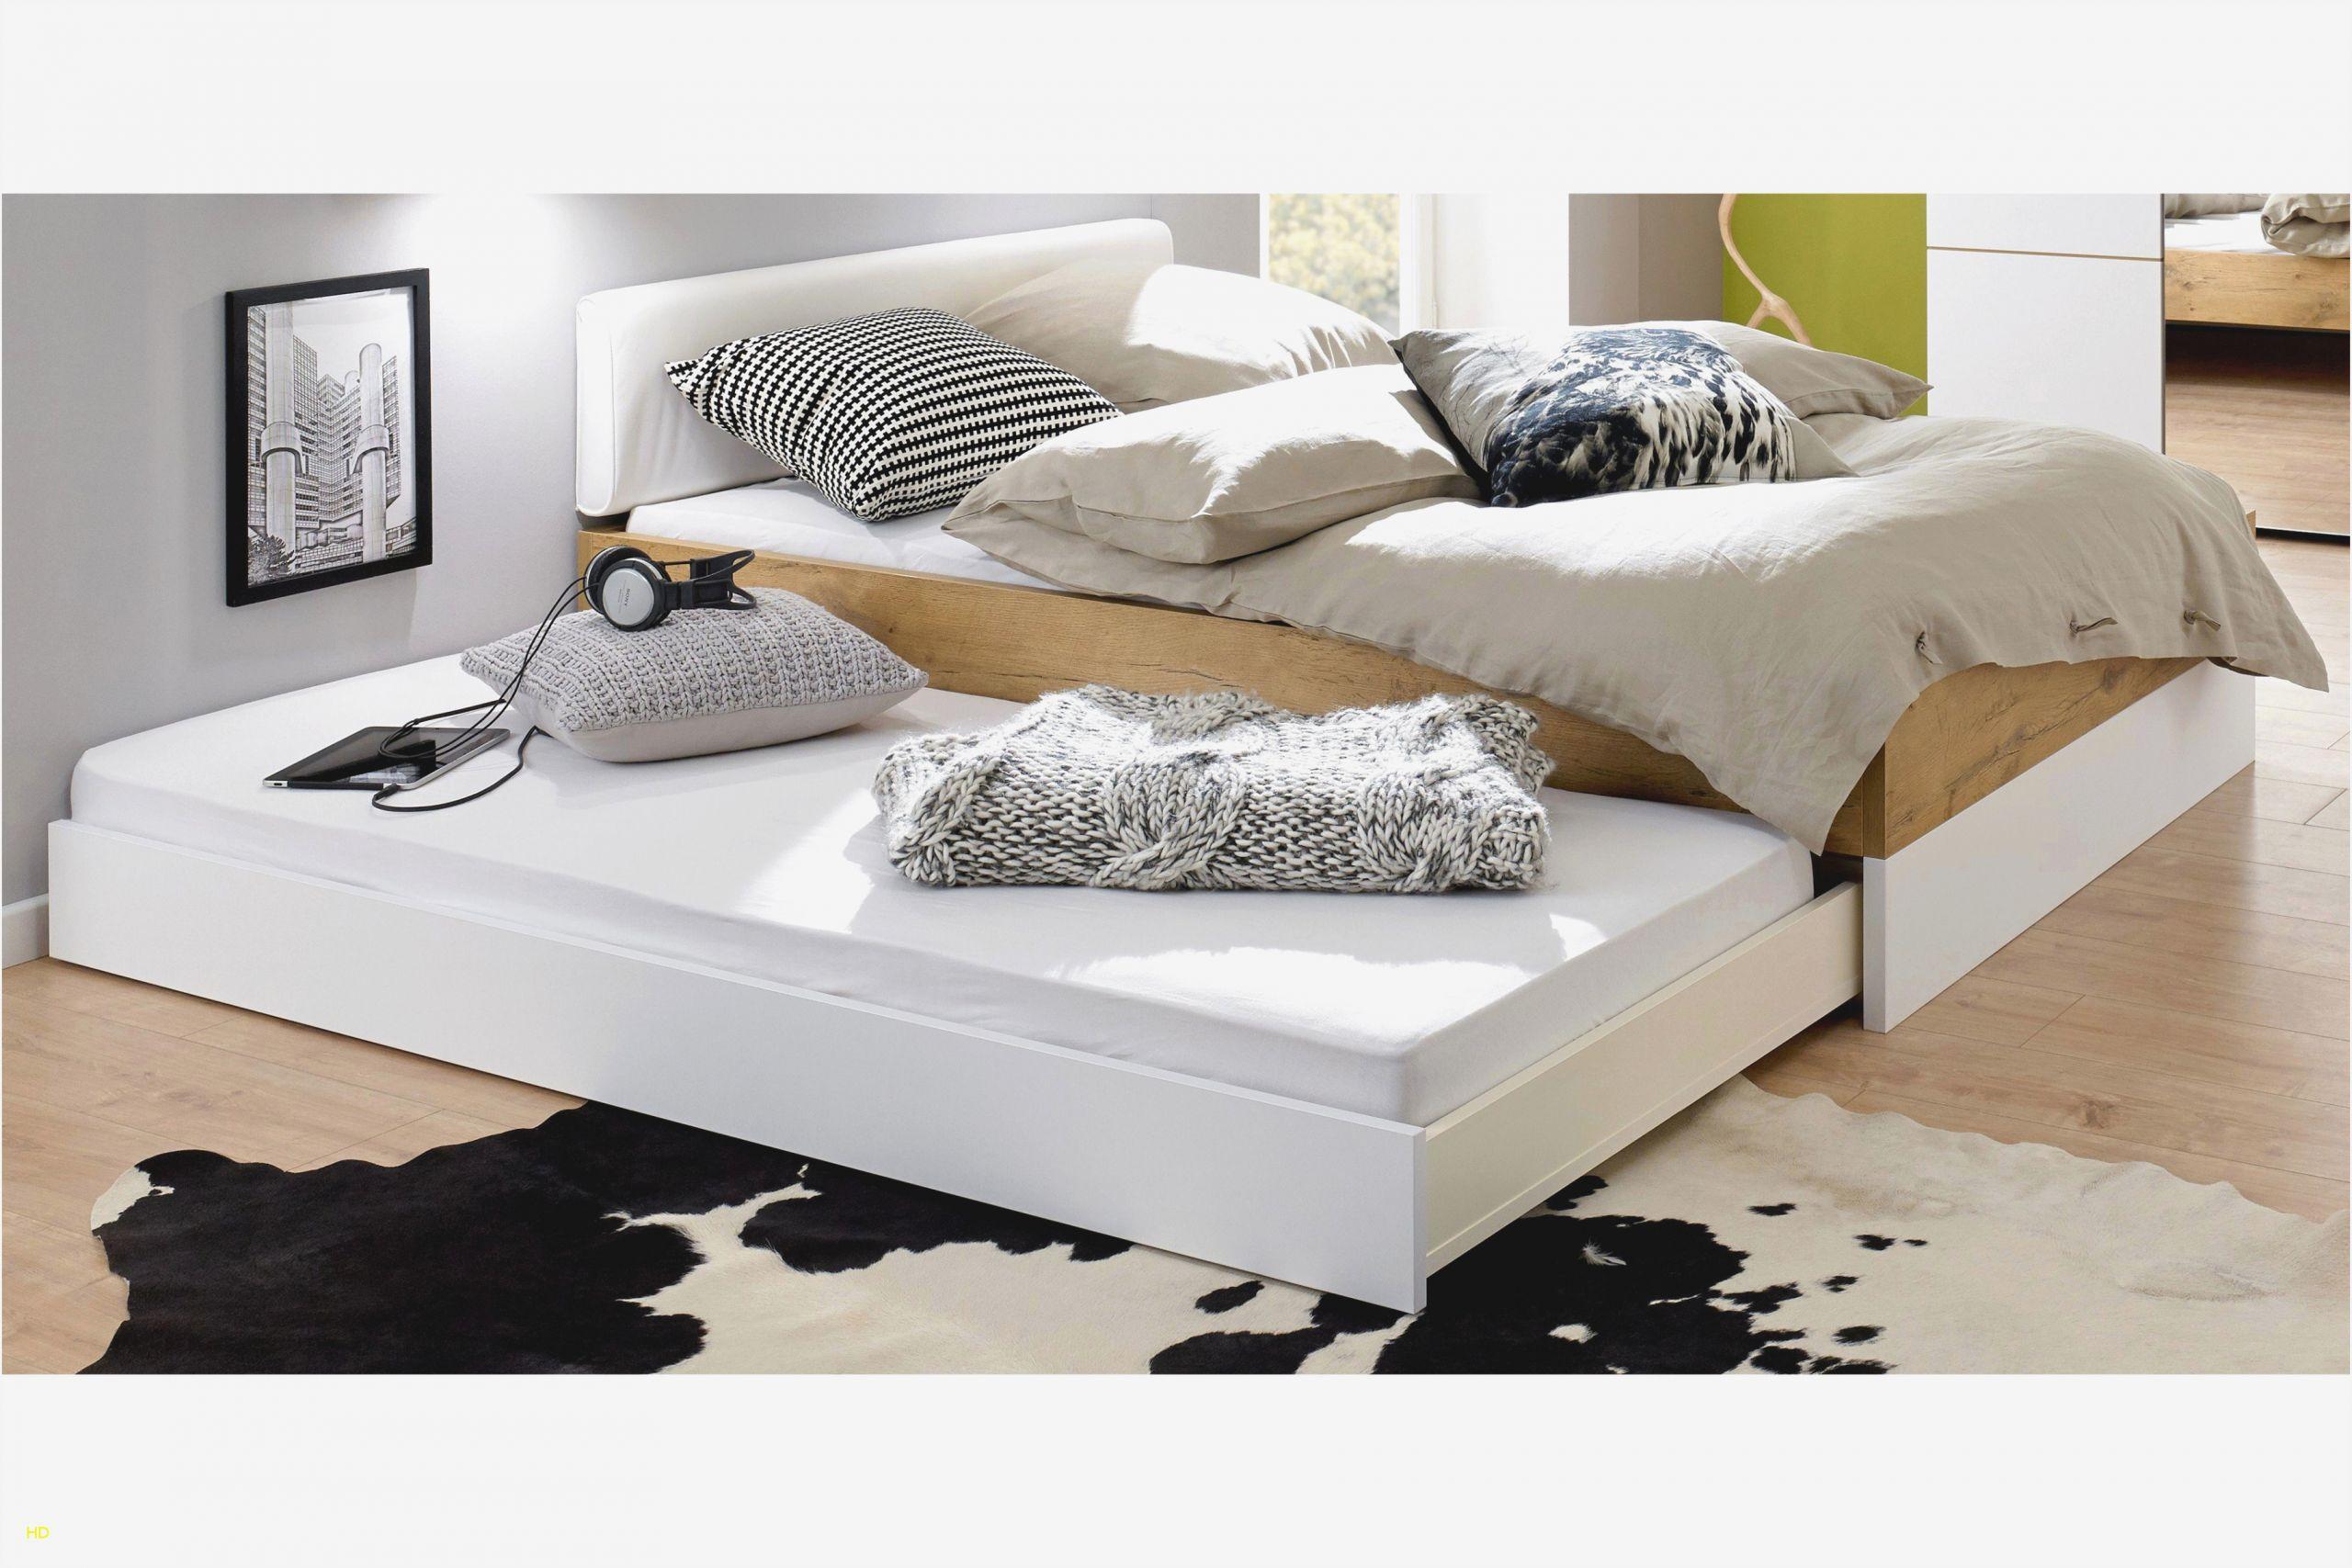 Full Size of Schlafzimmer Bettbank Ikea Holz Traumhaus Bett Mit Matratze Landhausstil Dormiente Amerikanische Betten Ausziehbares Kaufen Günstig King Size Flexa Bett Sitzbank Bett